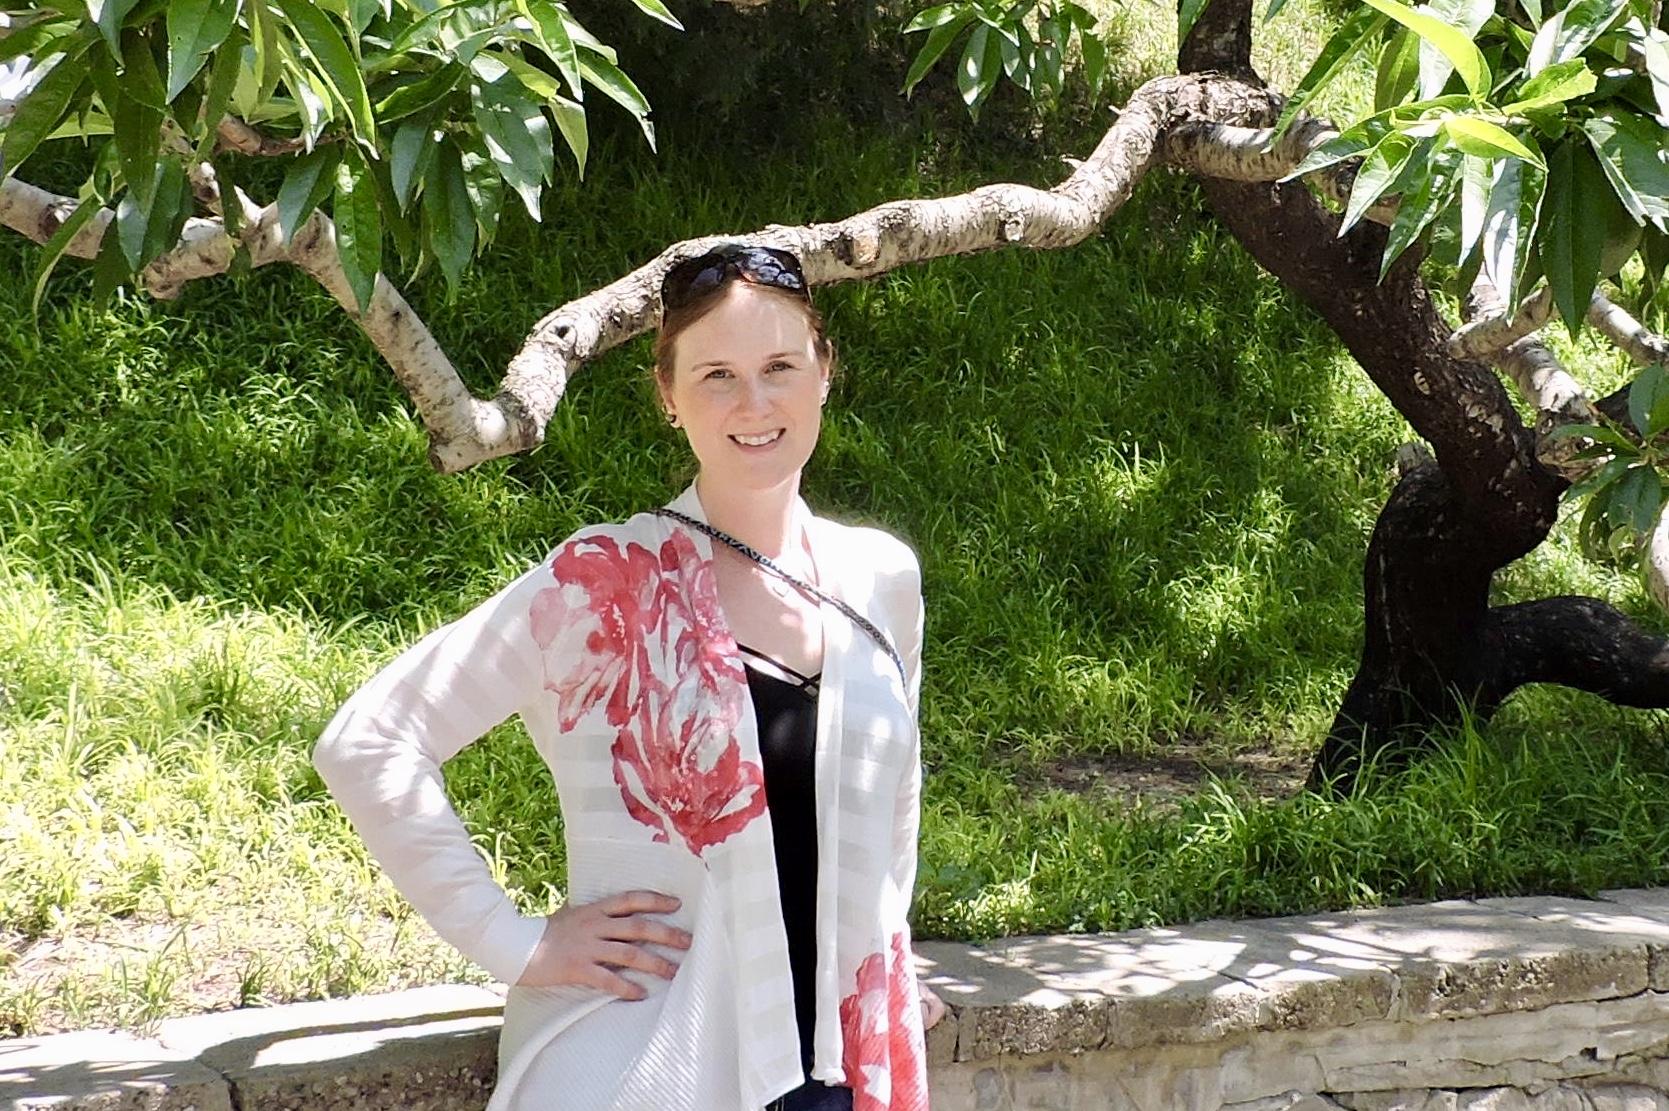 Julianna Lita Bozler Kacsoh  Geisel School of Medicine at Dartmouth, Hanover, NH   https://nofearofperfection.blog/    @ JBozler